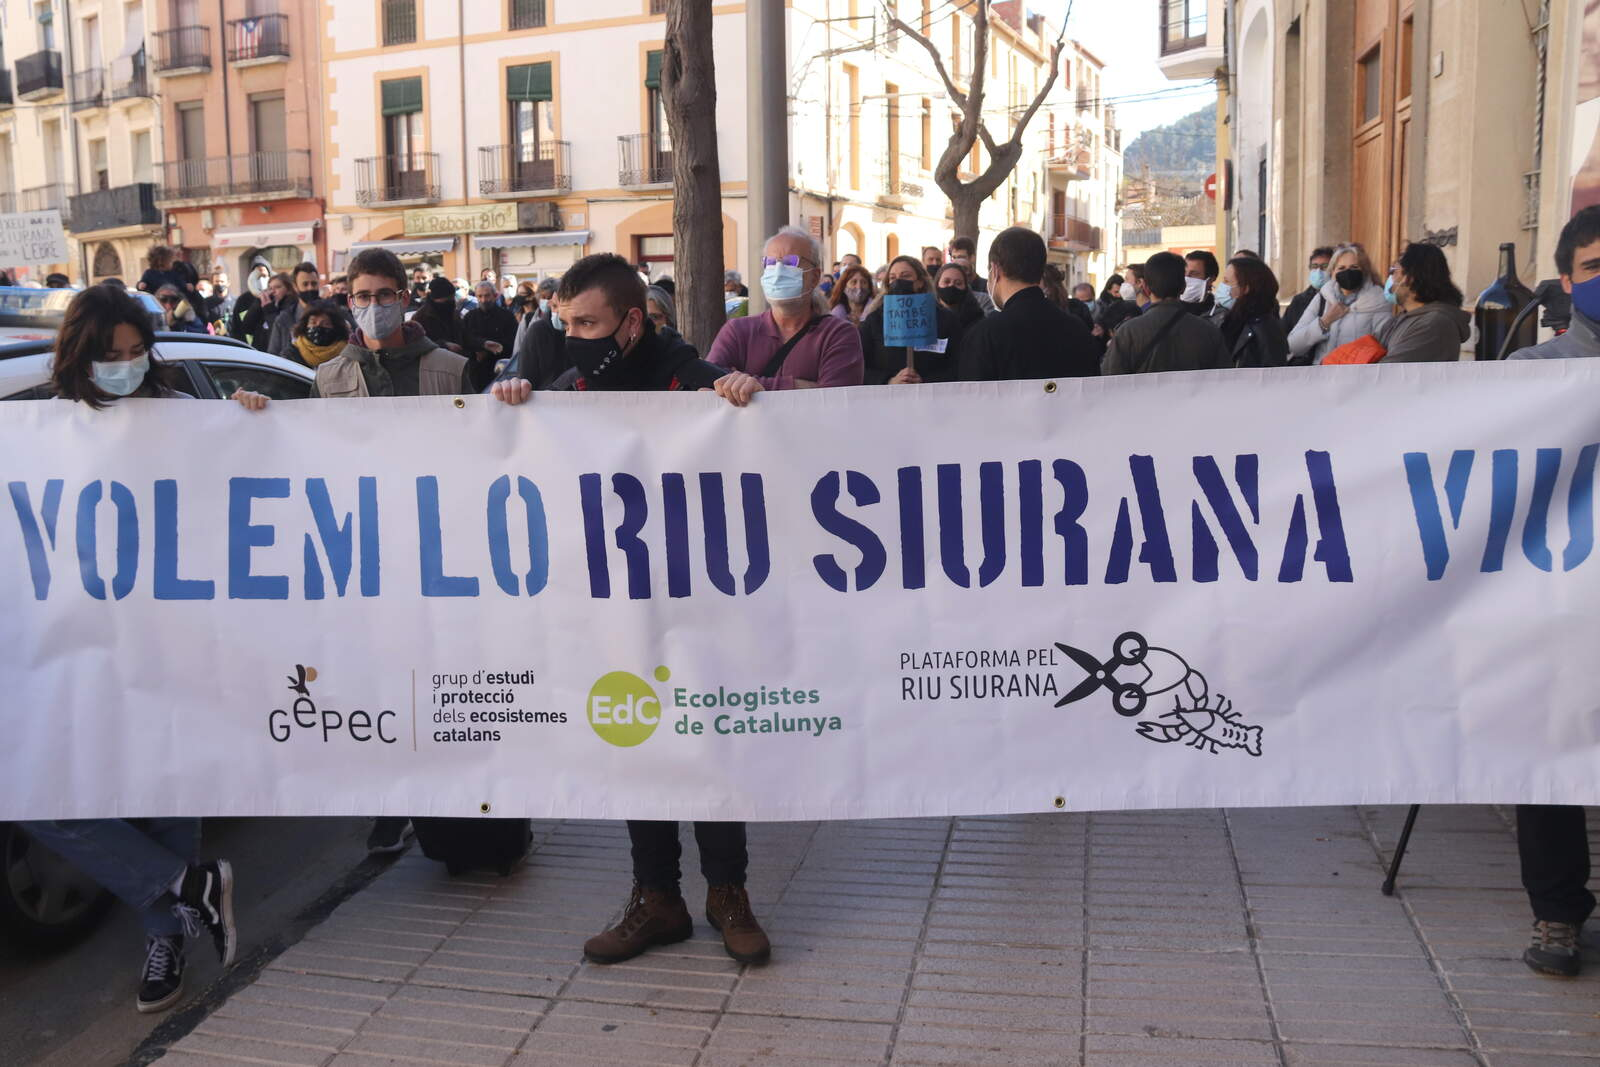 Concentració per donar suport als activistes de la Plataforma Riu Siurana